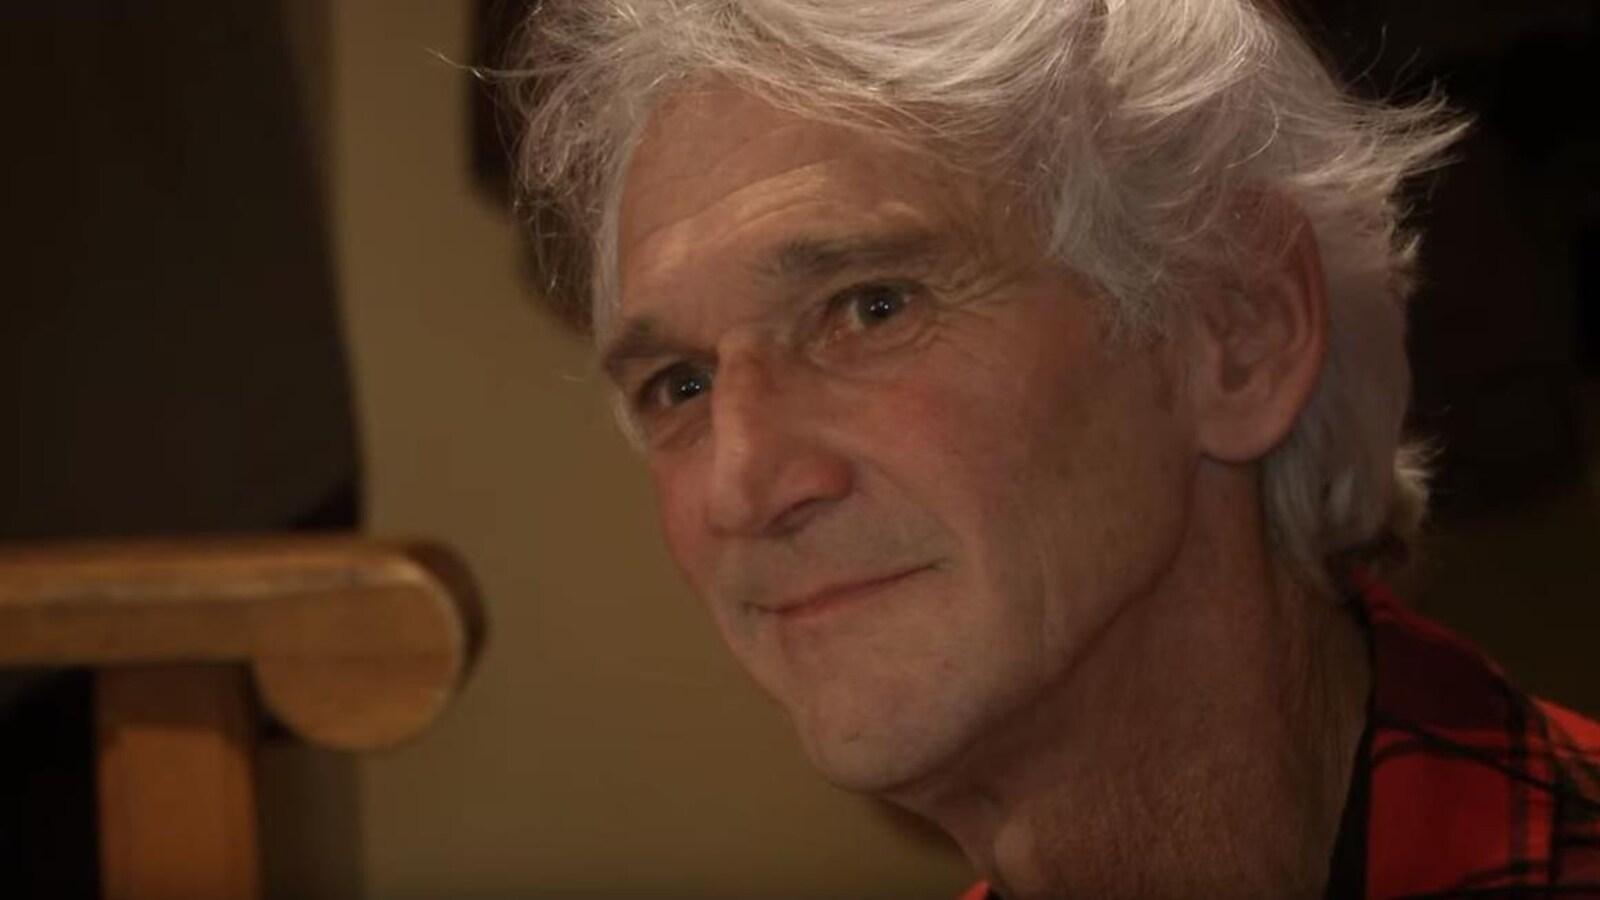 Jean-Claude Mirandette affichant un sourire pincé.